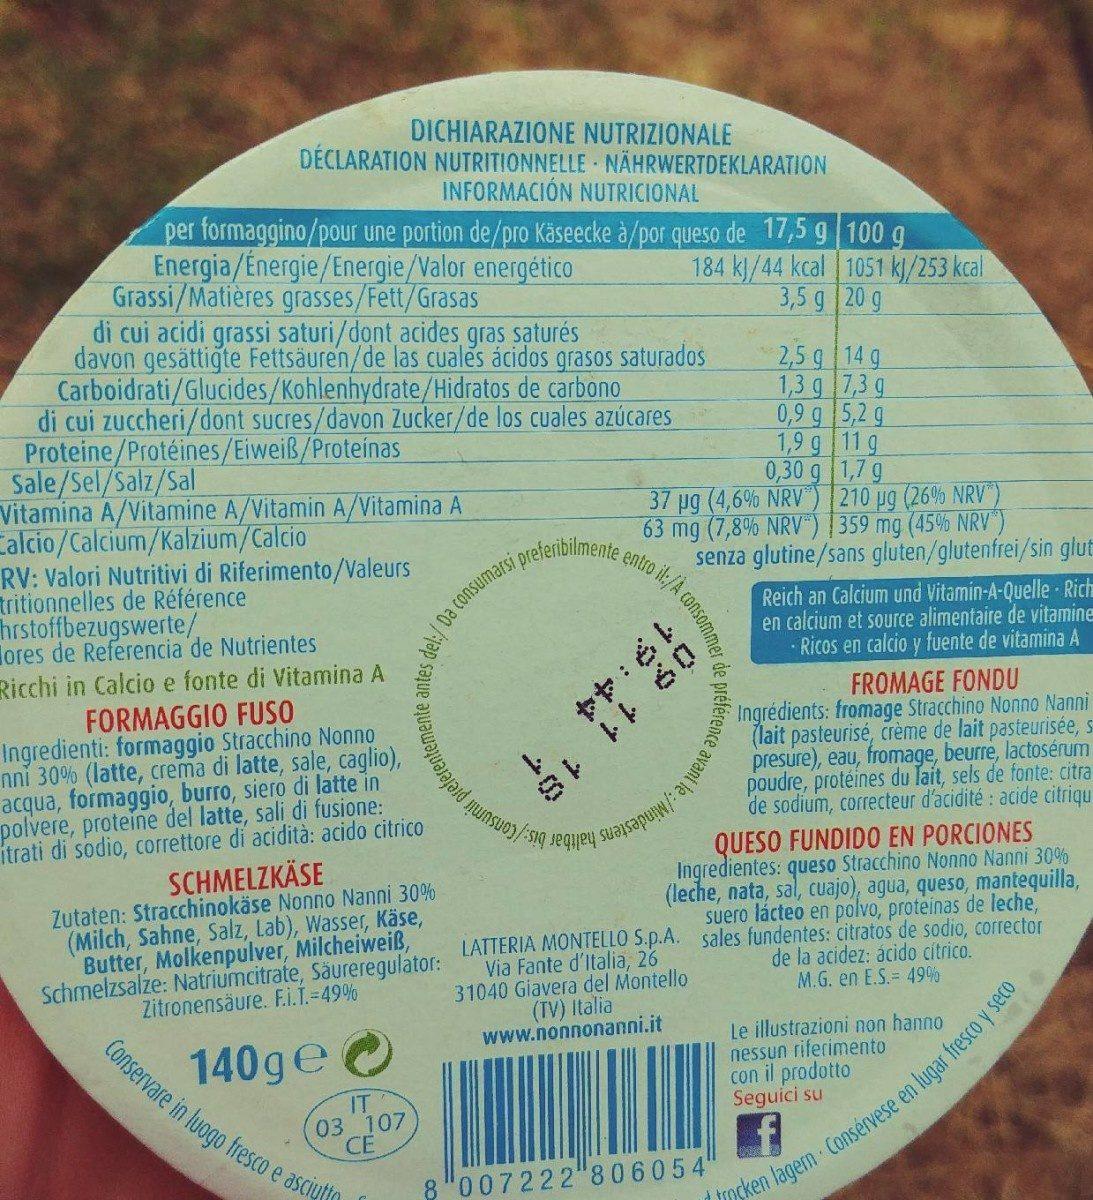 Formaggini Nonno Nanni - Informations nutritionnelles - fr